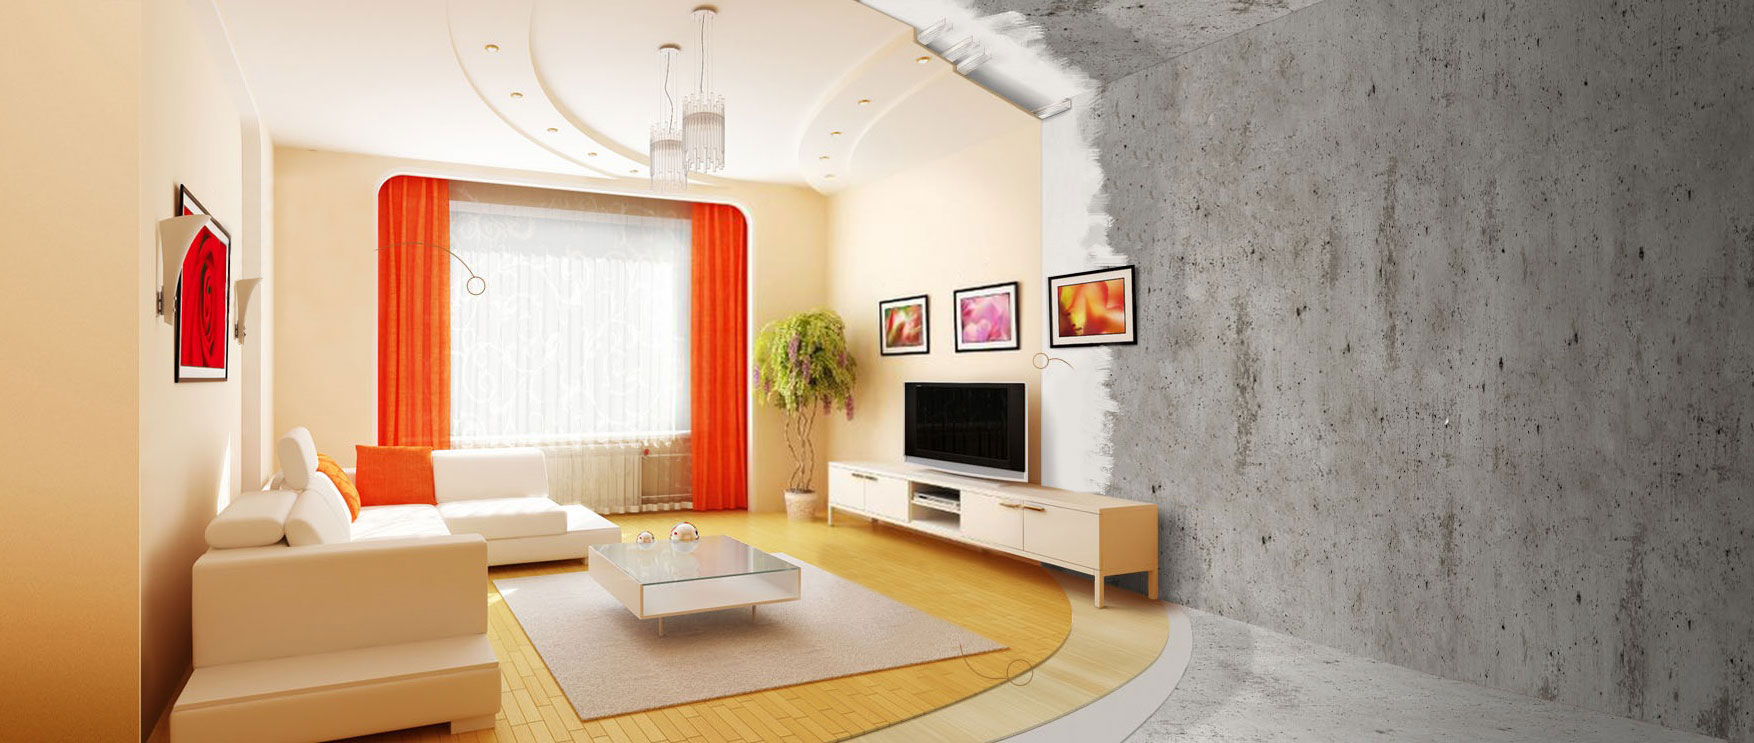 Ремонт и отделка квартир в Балашихе под ключ Полный